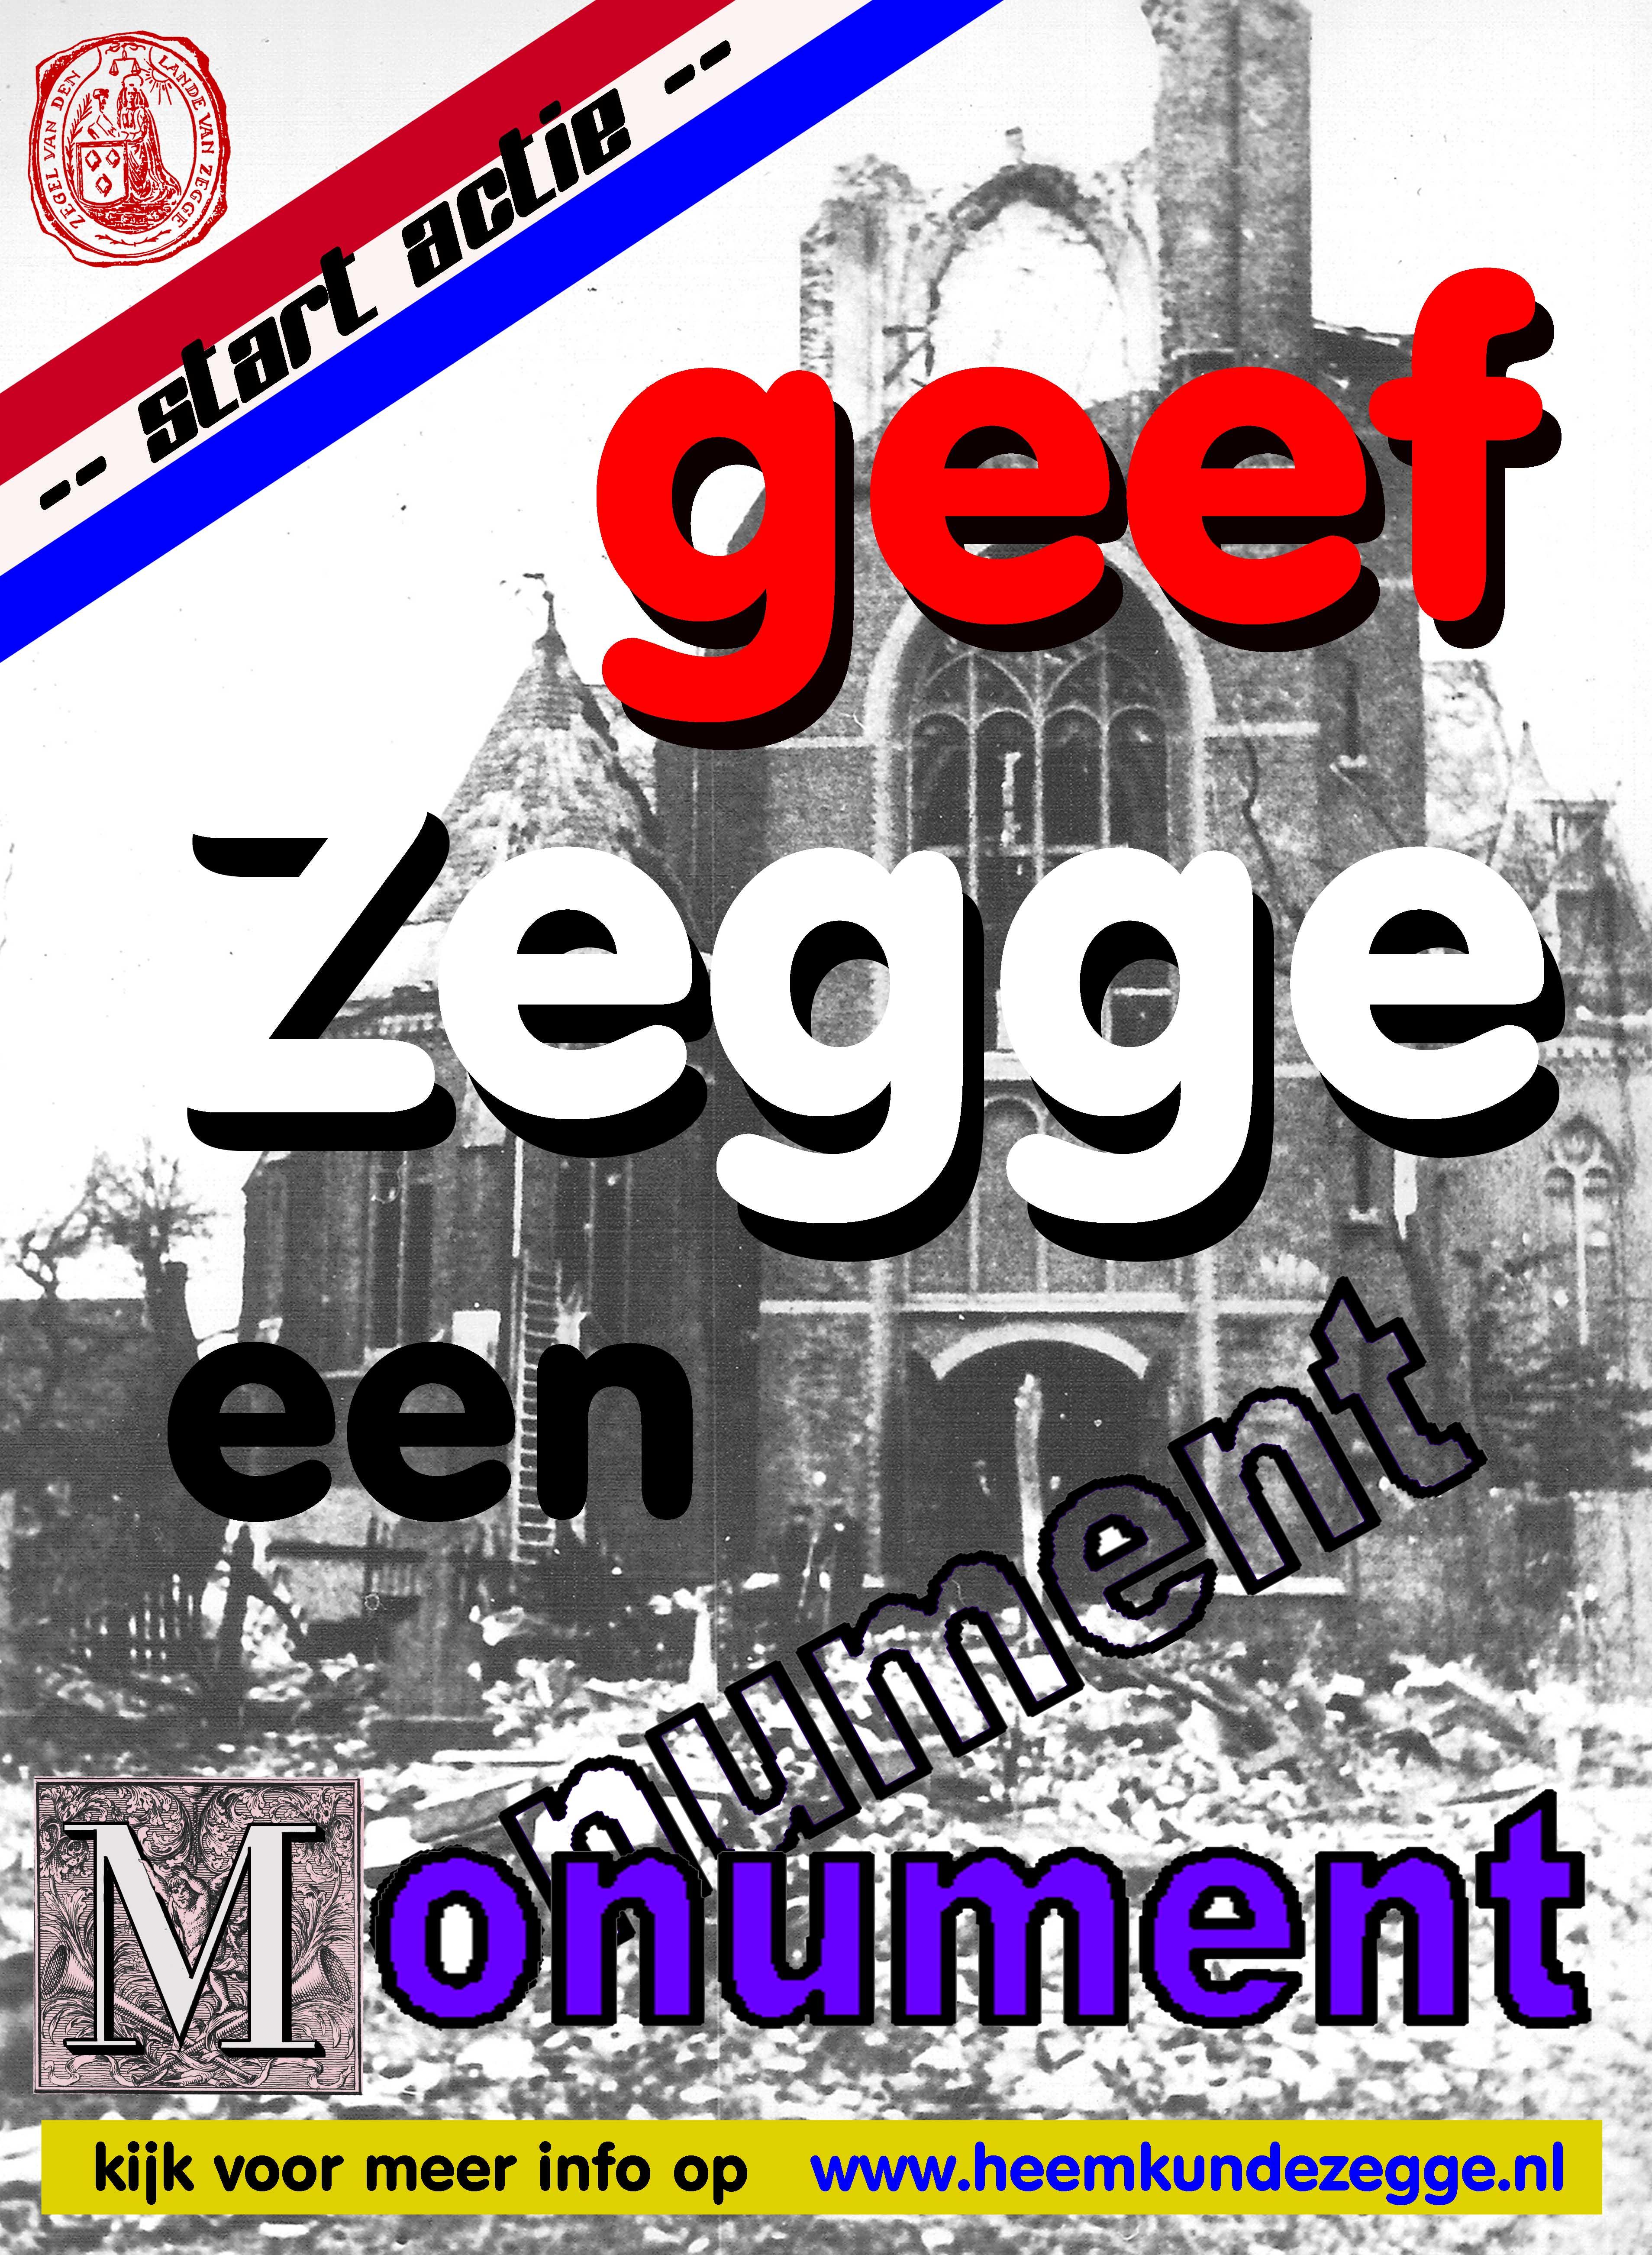 poster start monumentkopie